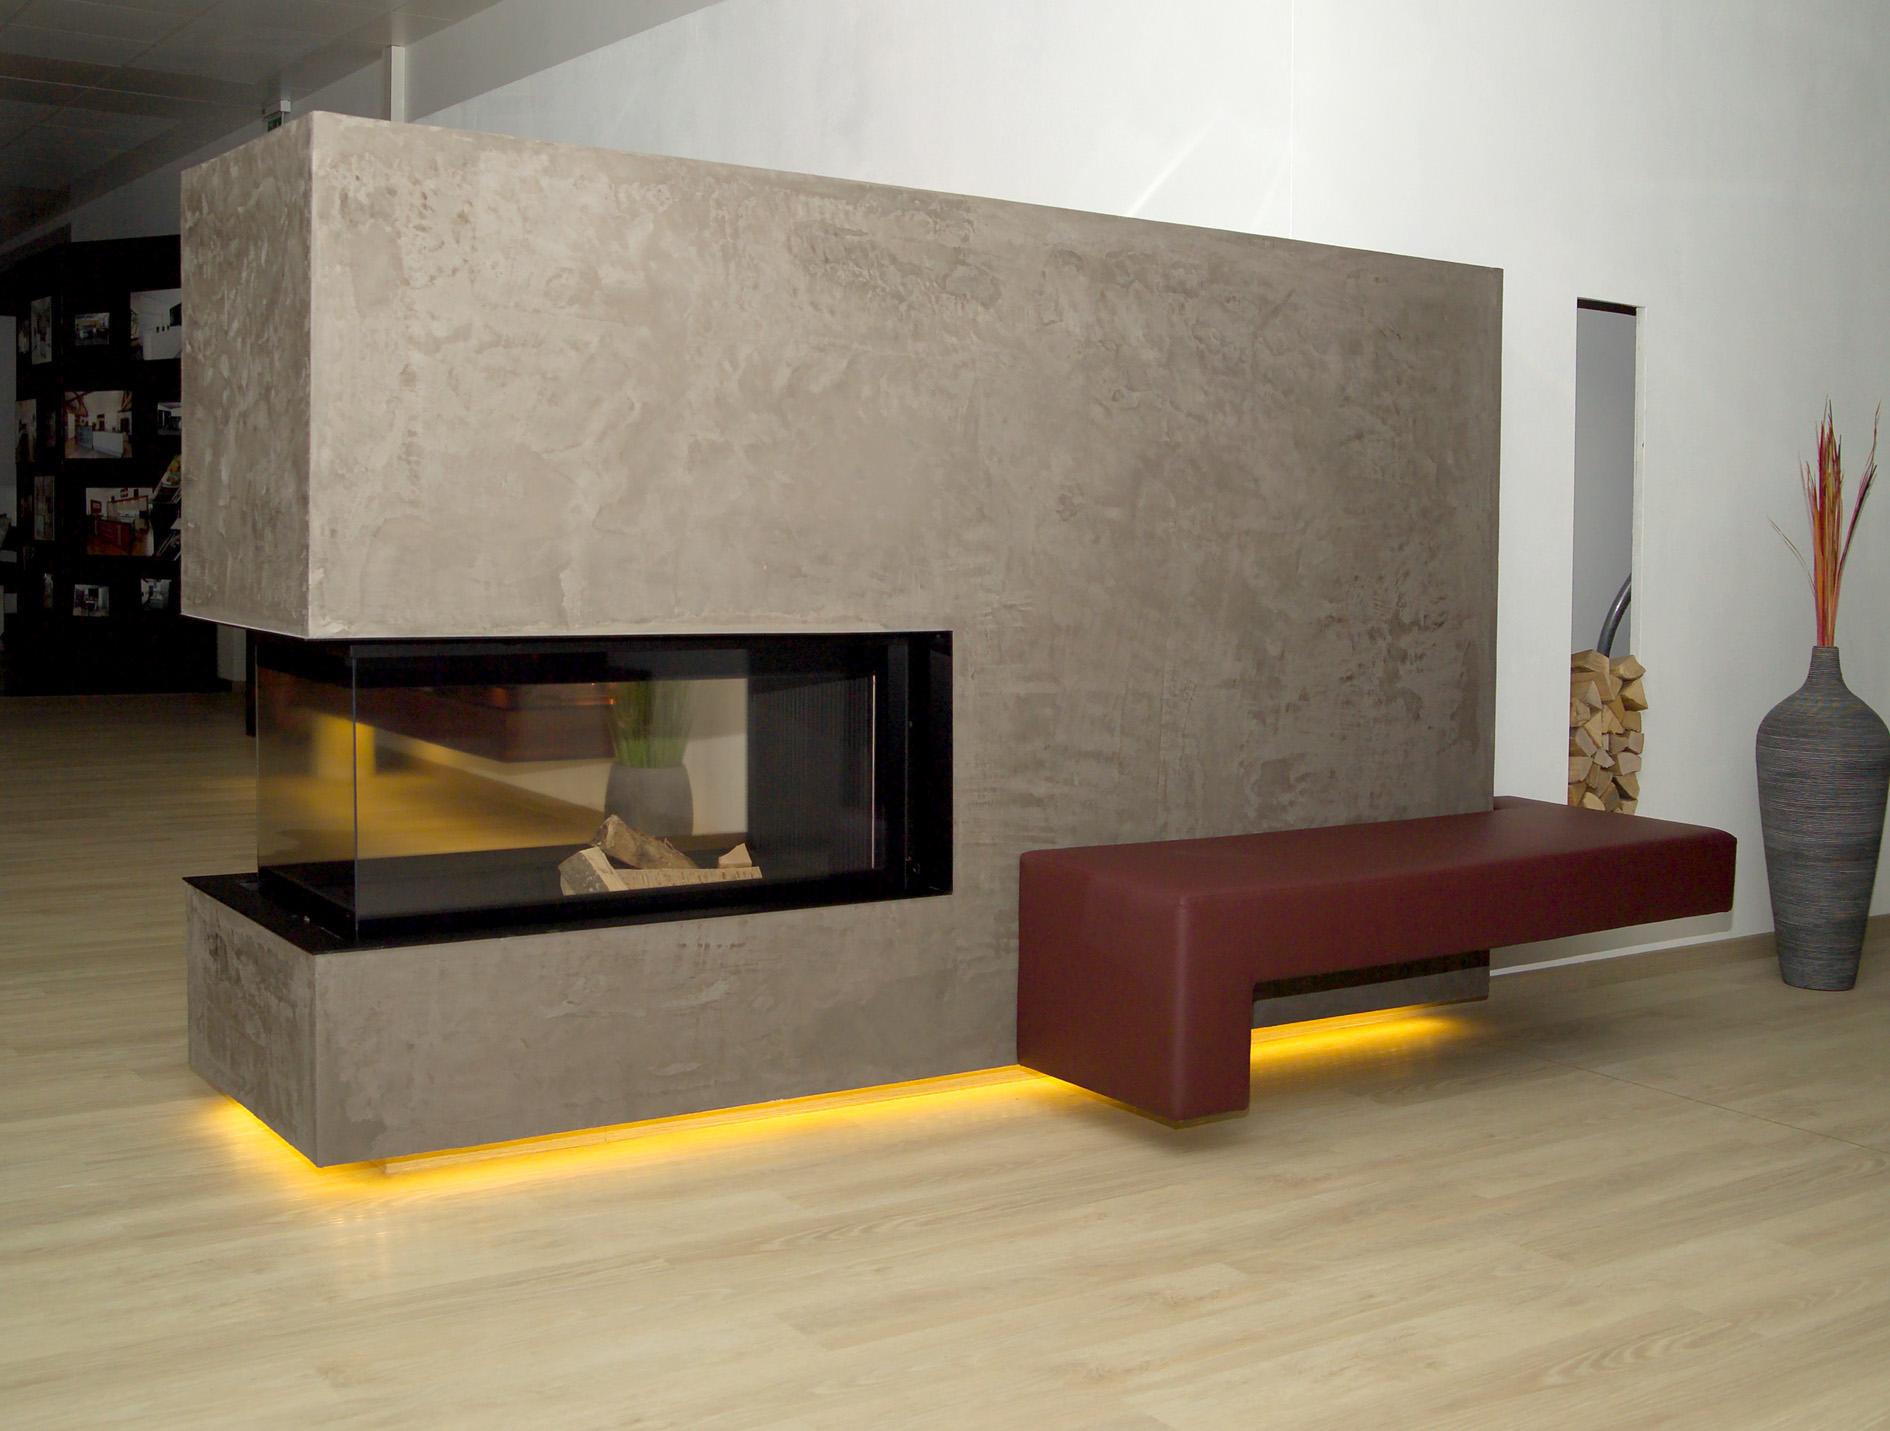 Heizkamin Modern wohnen mit beton heizkamin modern